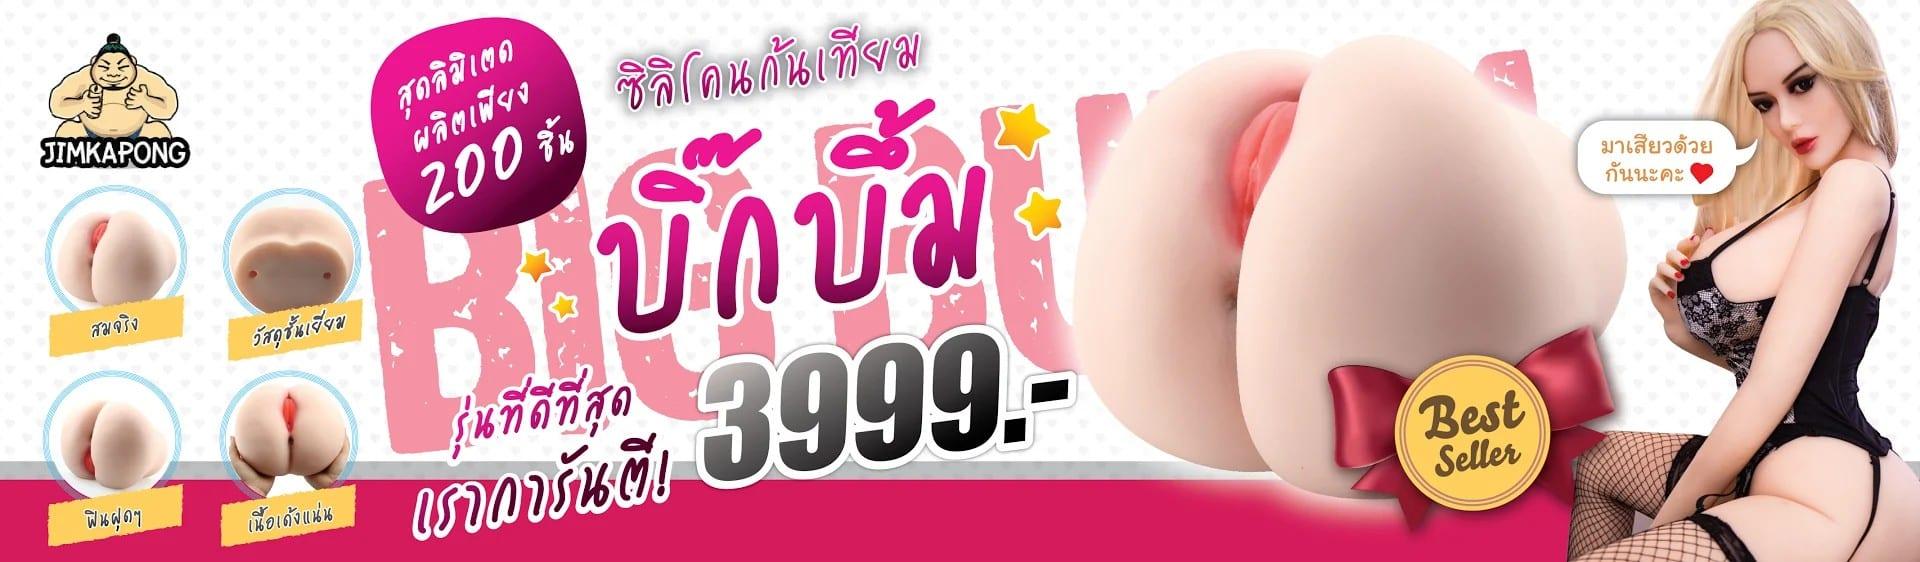 messageImage_1545244876417